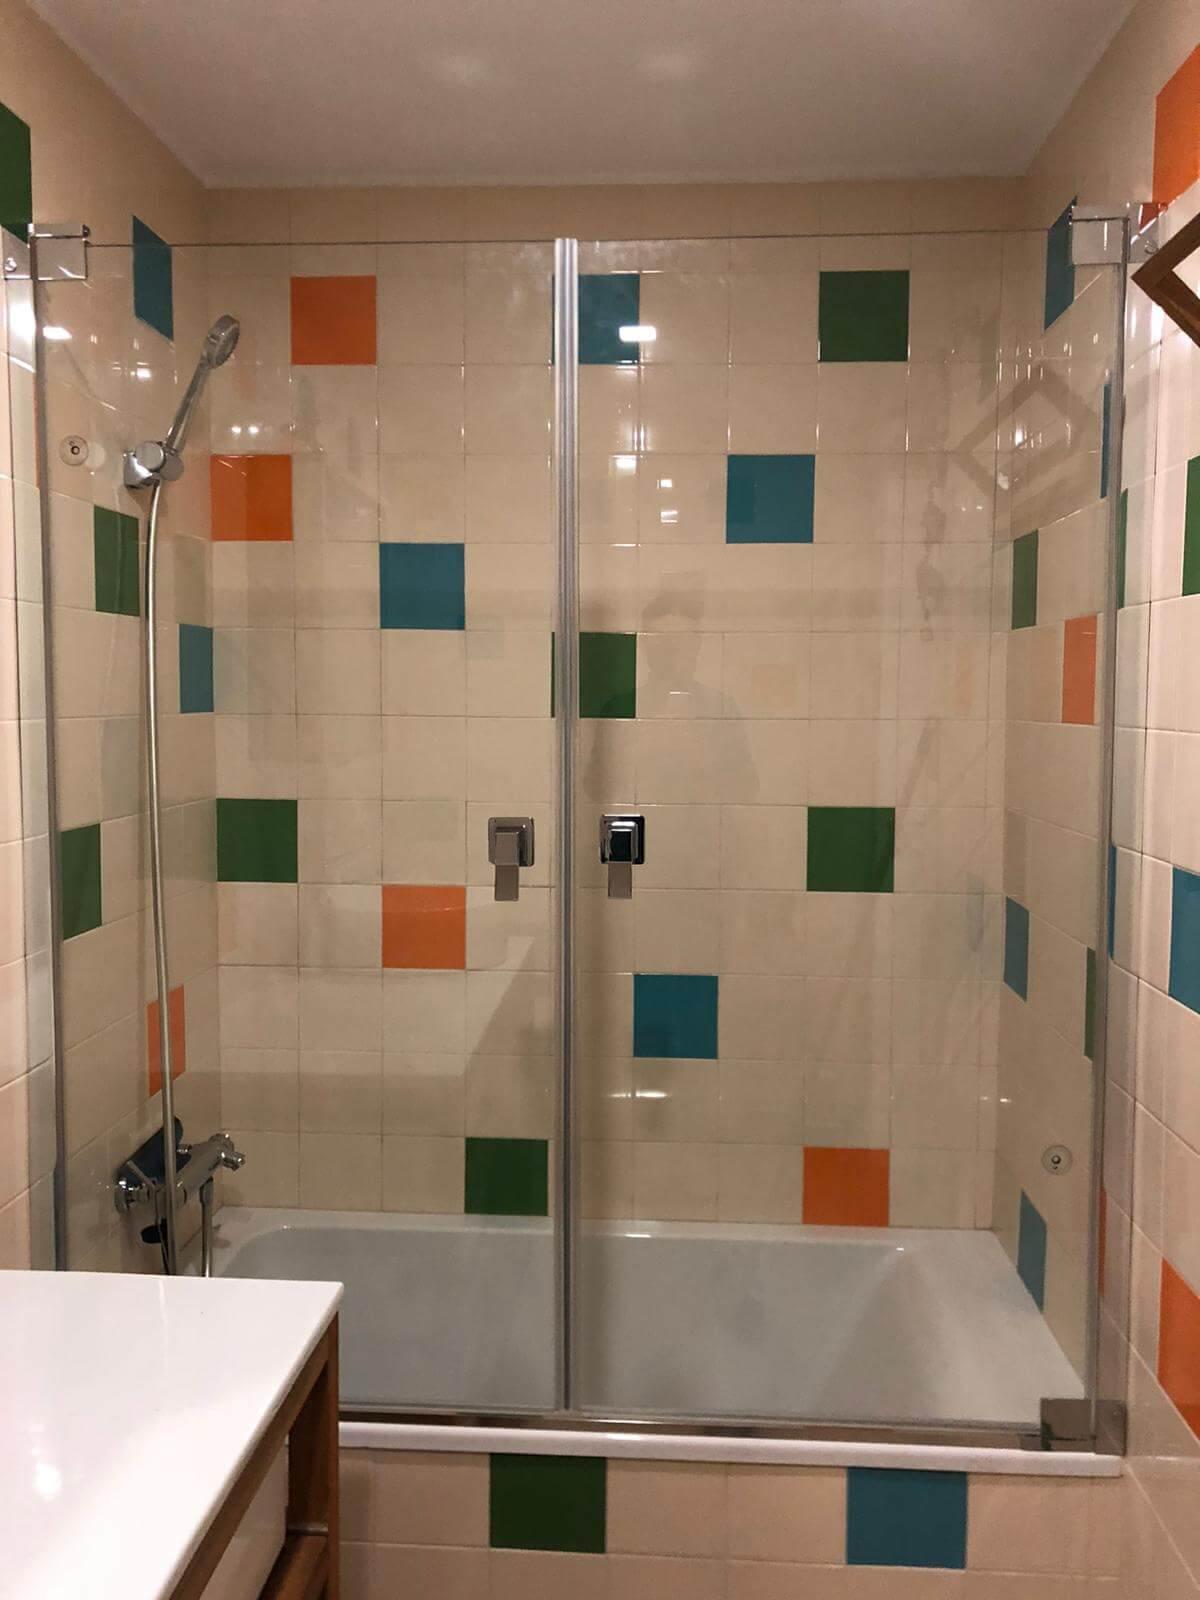 Mampara de baño de cristal transparente y marco en color acero, colocada sobre azulejos blancos, verdes y naranjas.